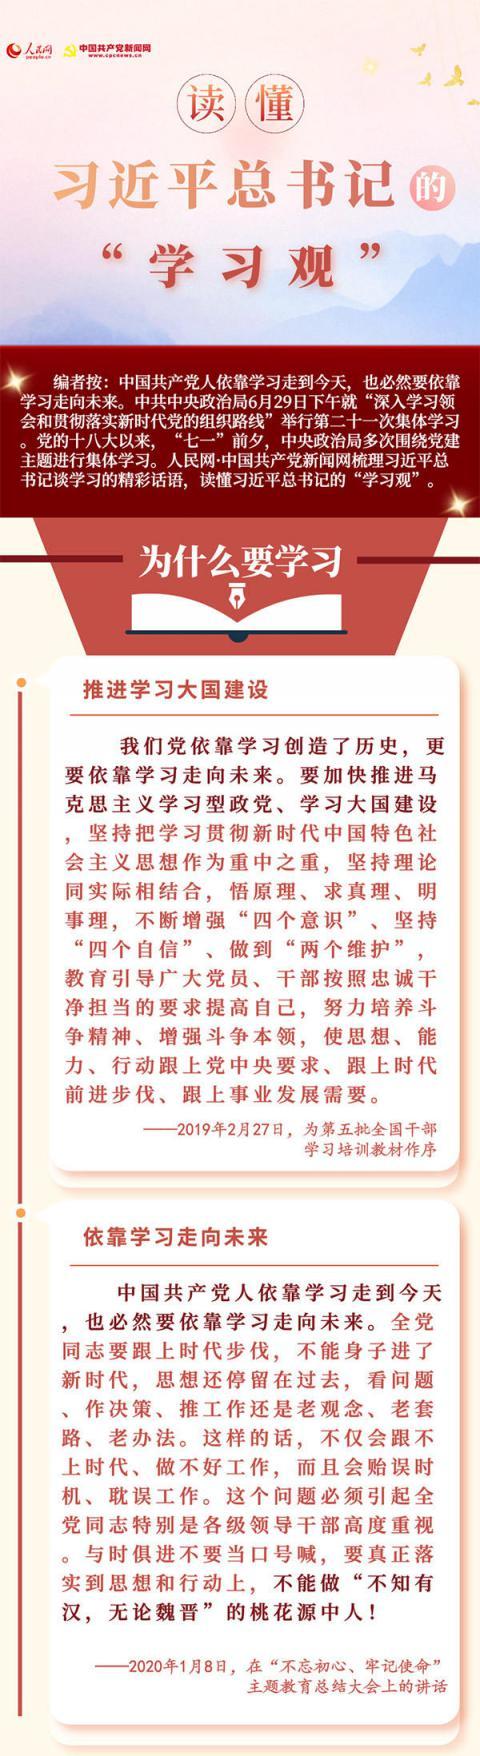 """【金徐凯】_图解:@全体党员,读懂习近平总书记的""""学习观"""""""